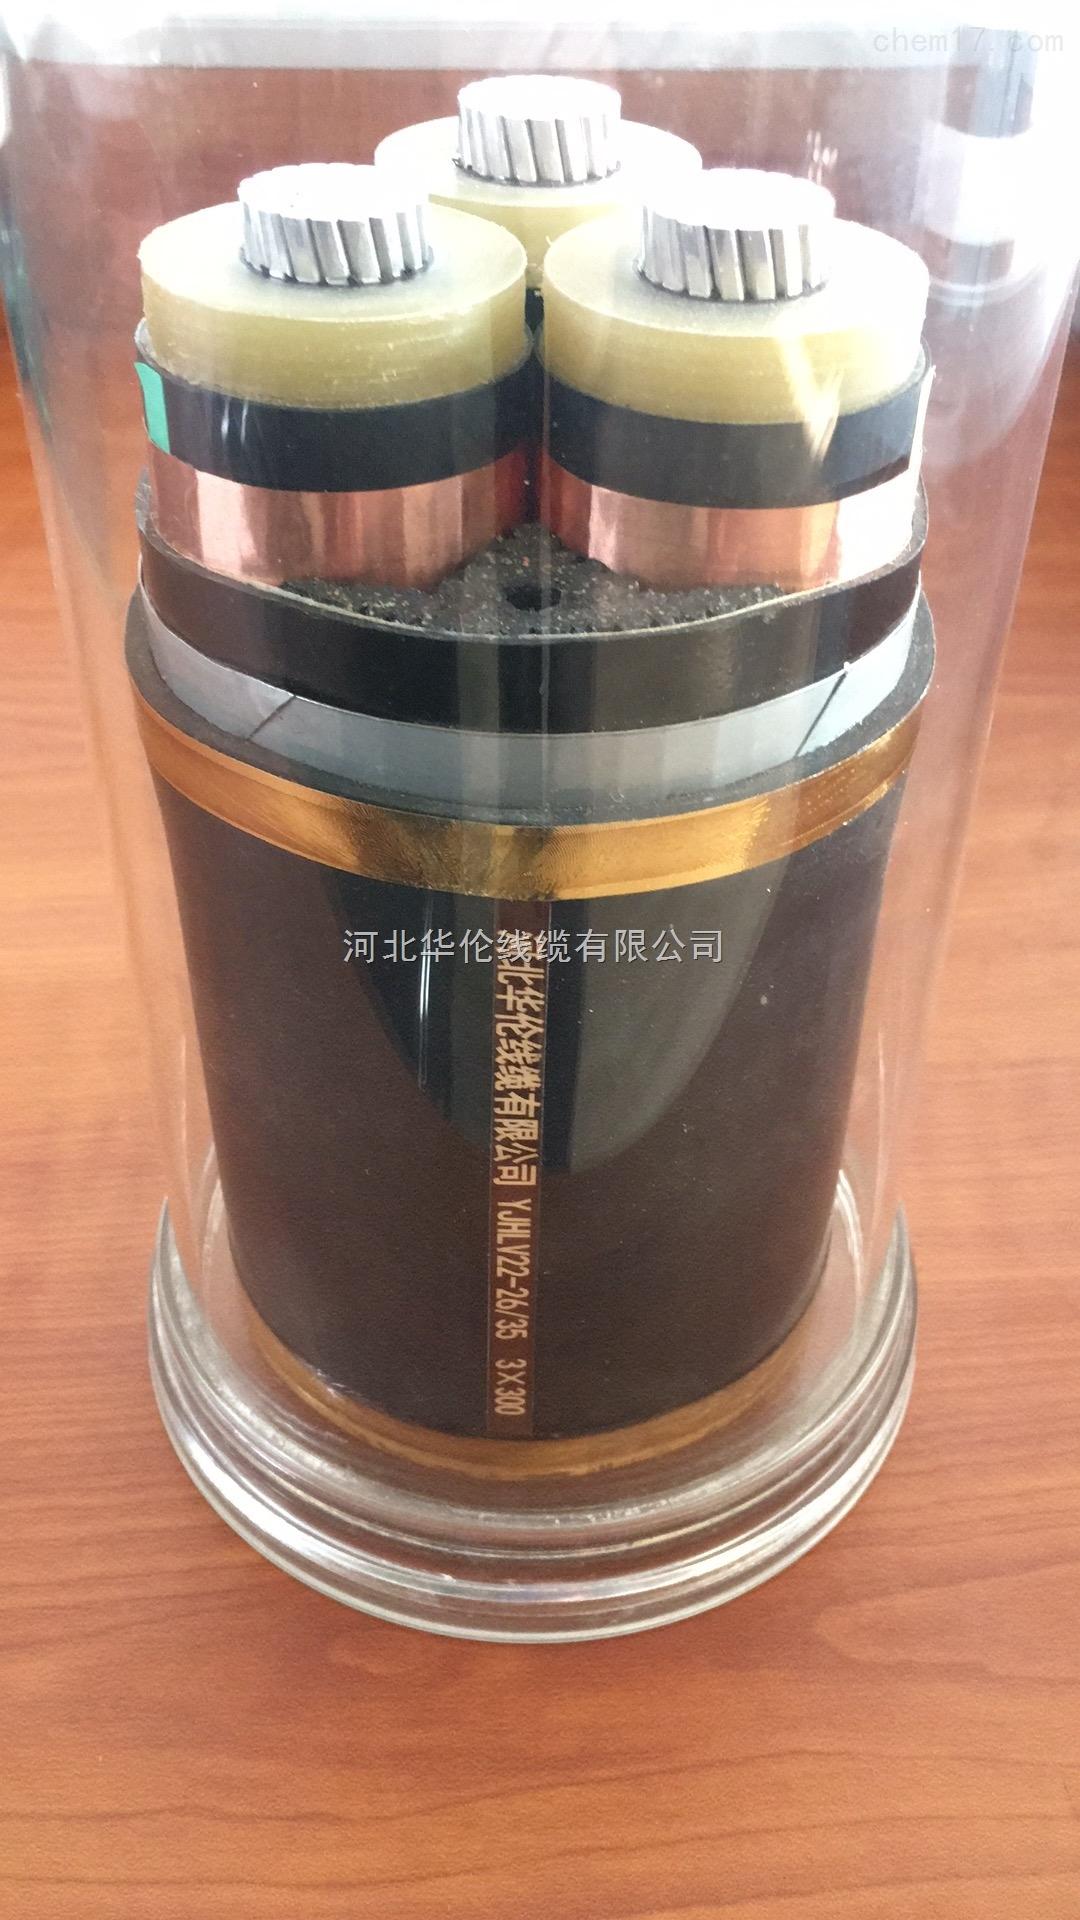 YJLHV22 高压铝合金电缆3*400价格华伦线缆